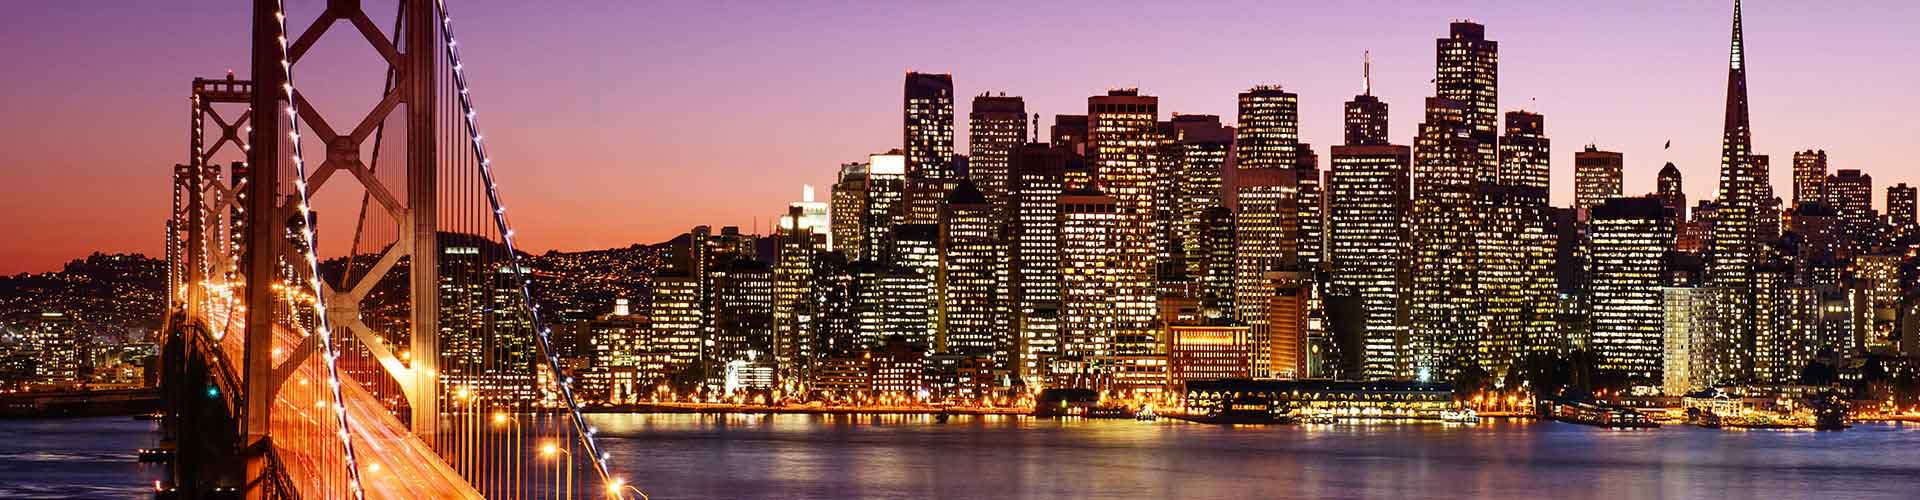 San Francisco - Apartments in San Francisco. San Francisco auf der Karte. Fotos und Bewertungen für jedes Apartment in San Francisco.